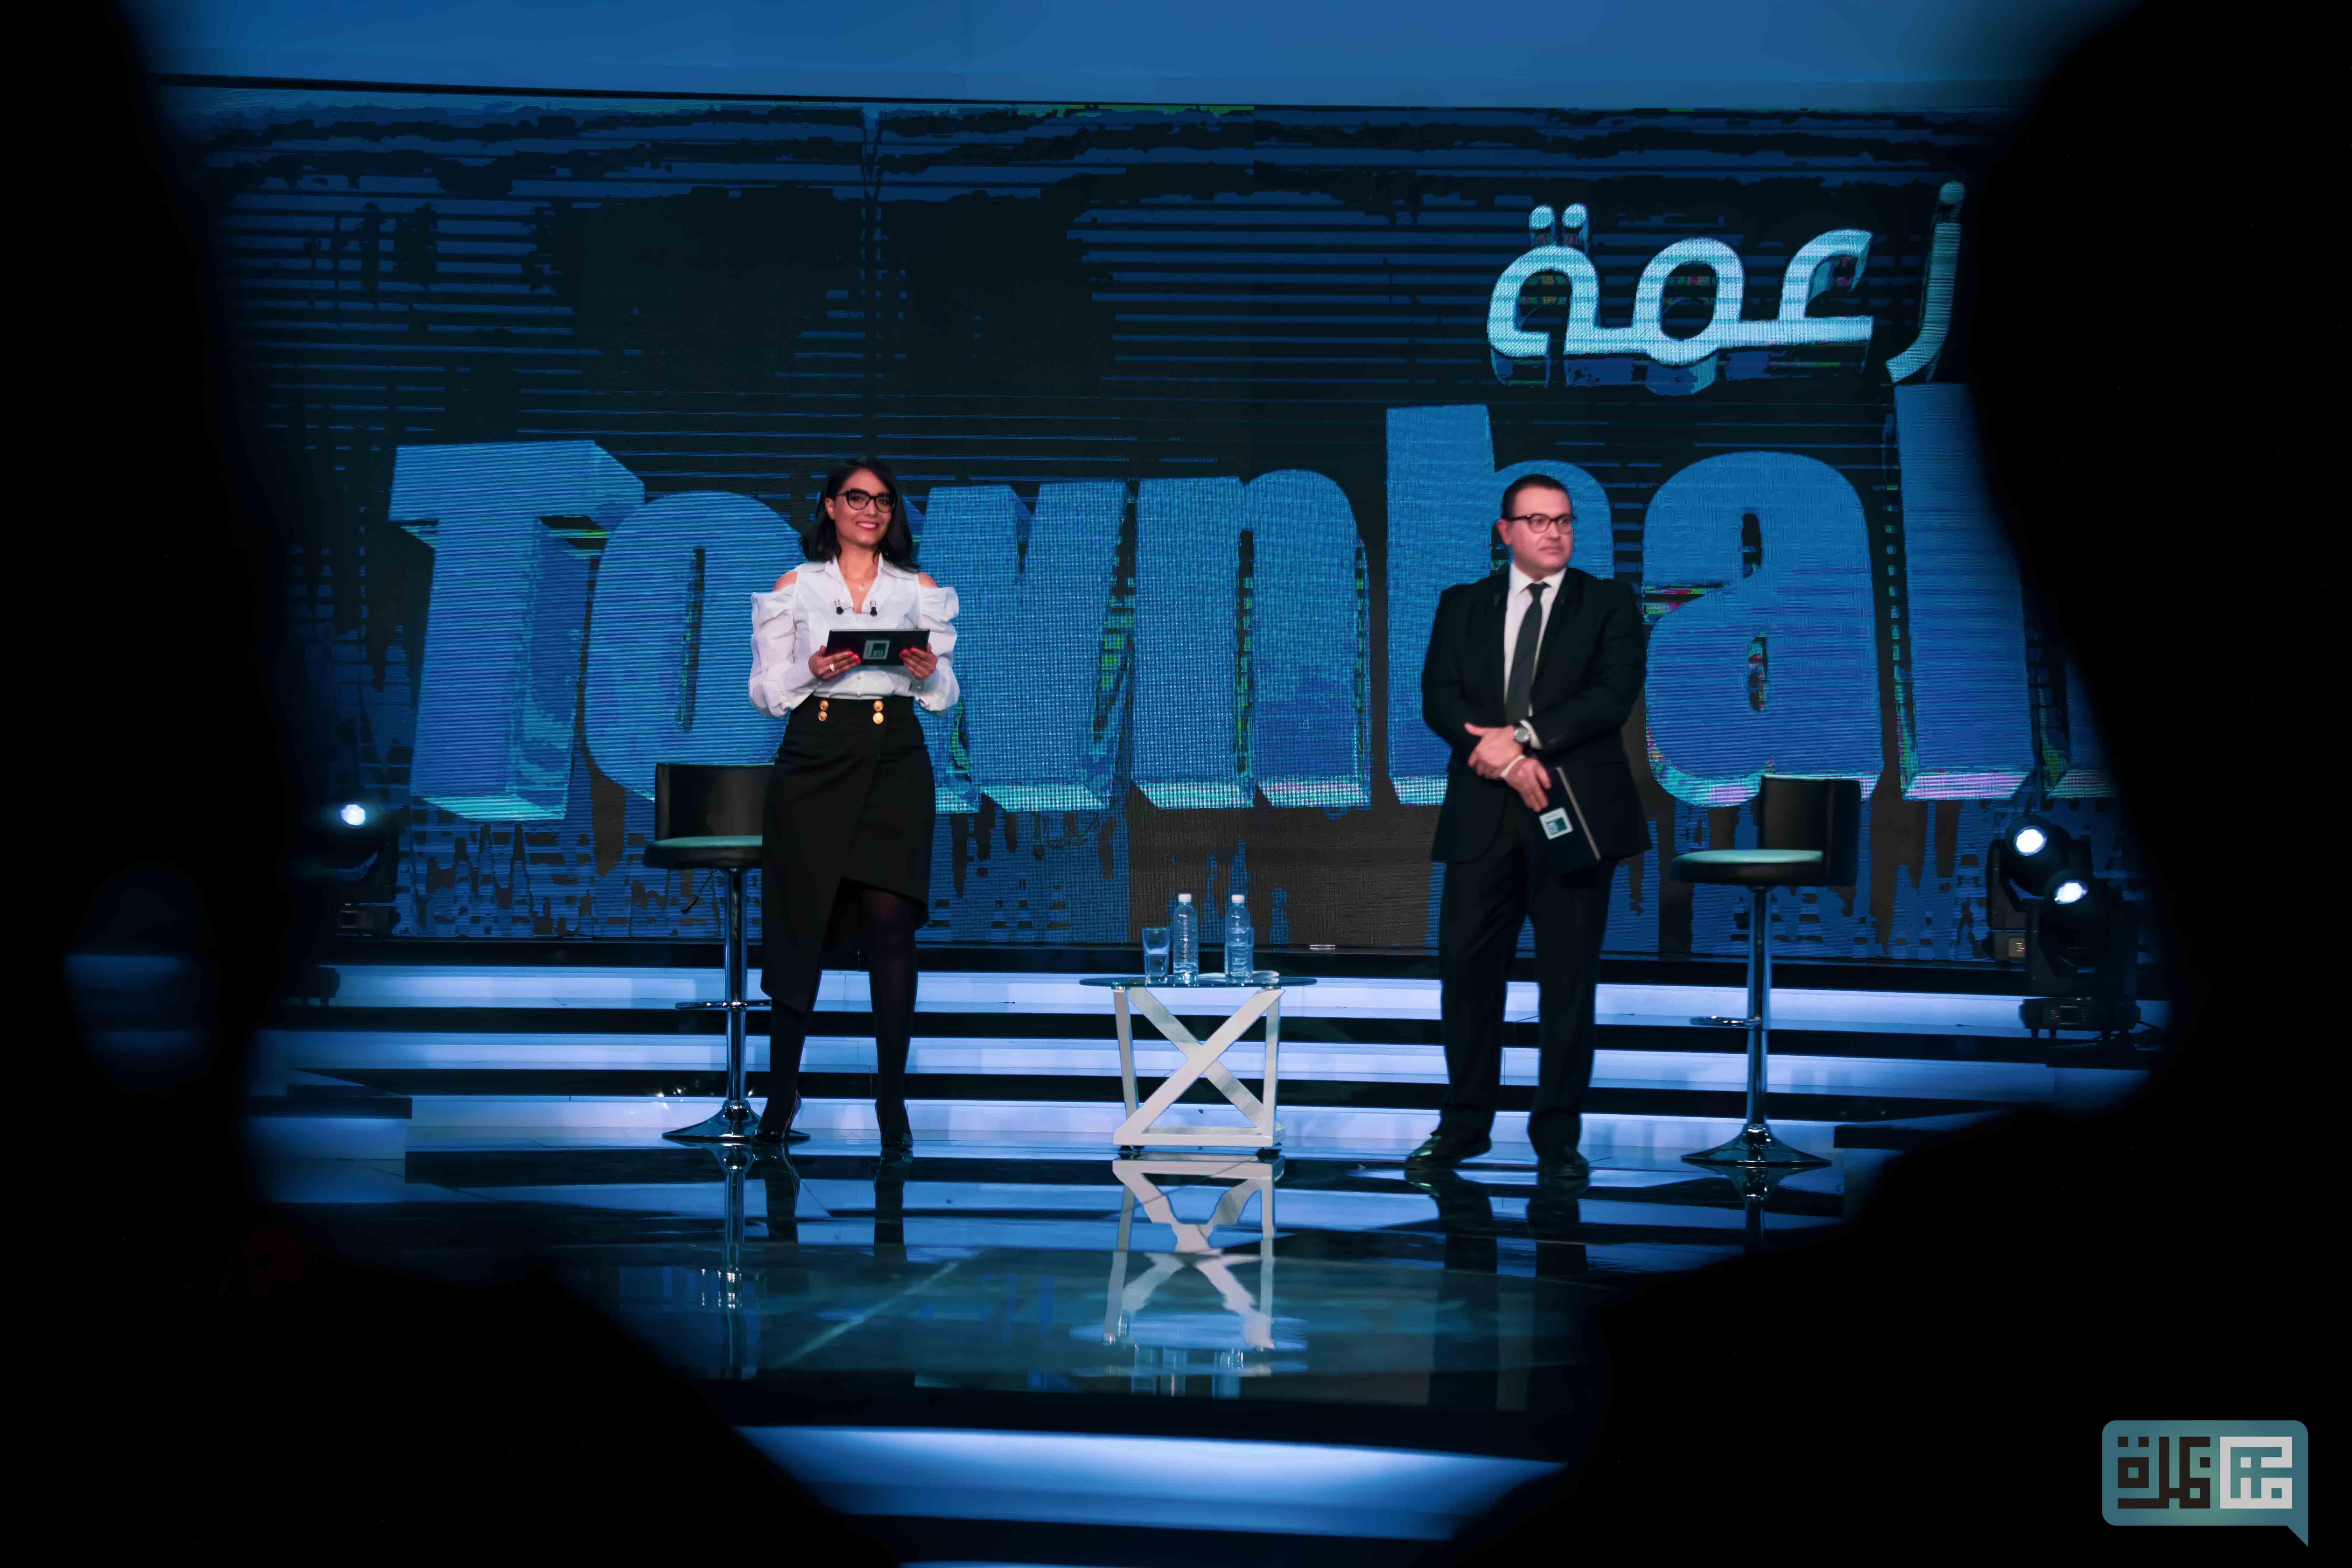 Press Debate Tunisia TownHall Munathara Cannabis law 52